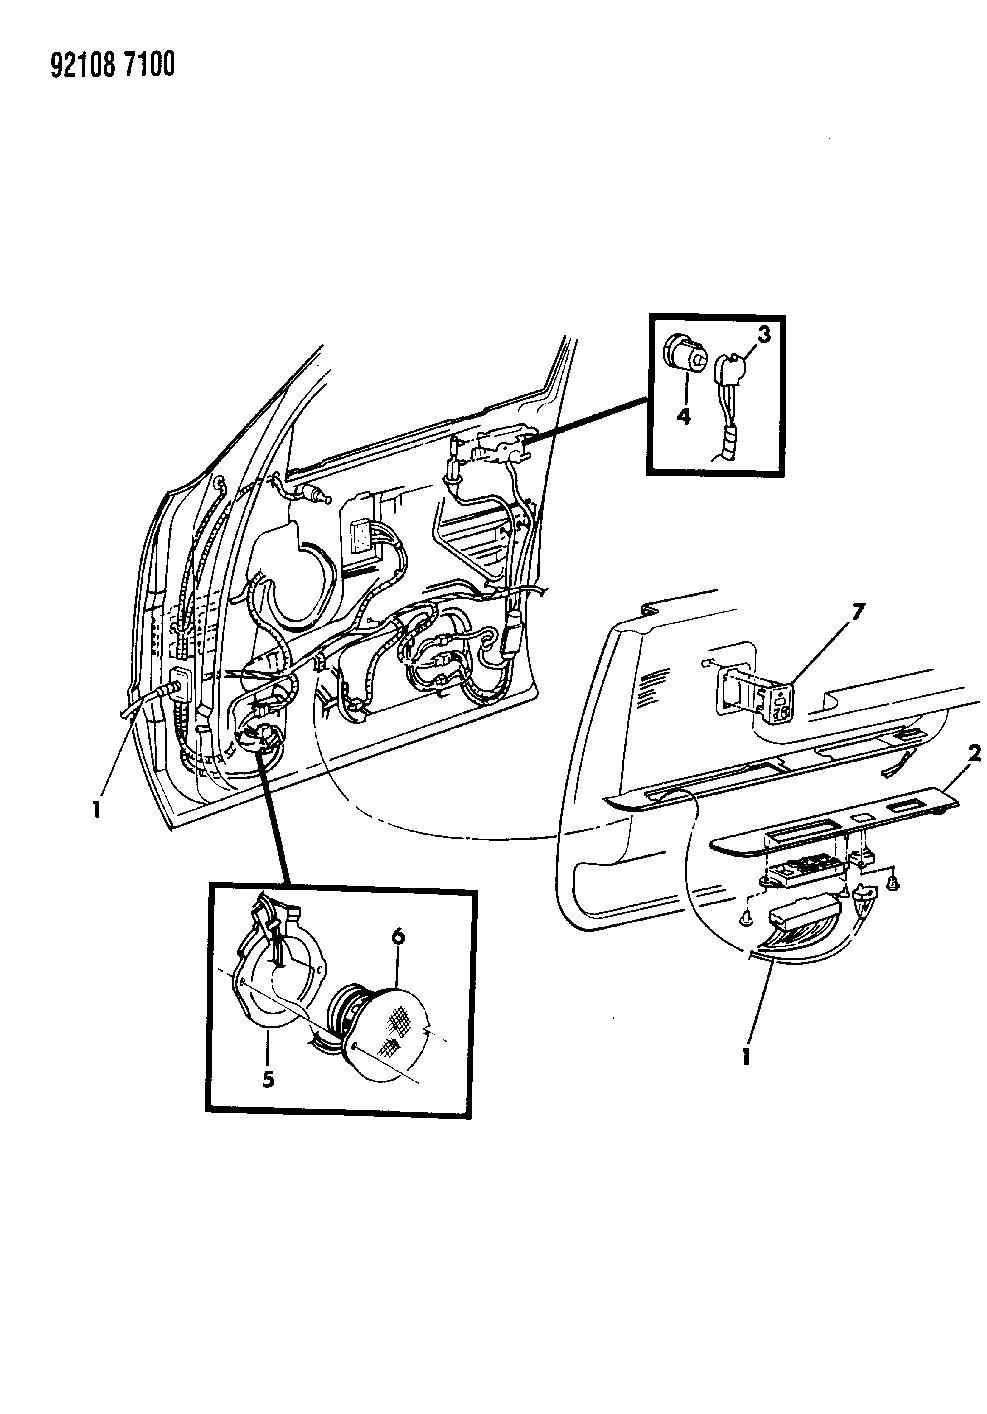 1992 Dodge Dynasty Wiring  U0026 Switches